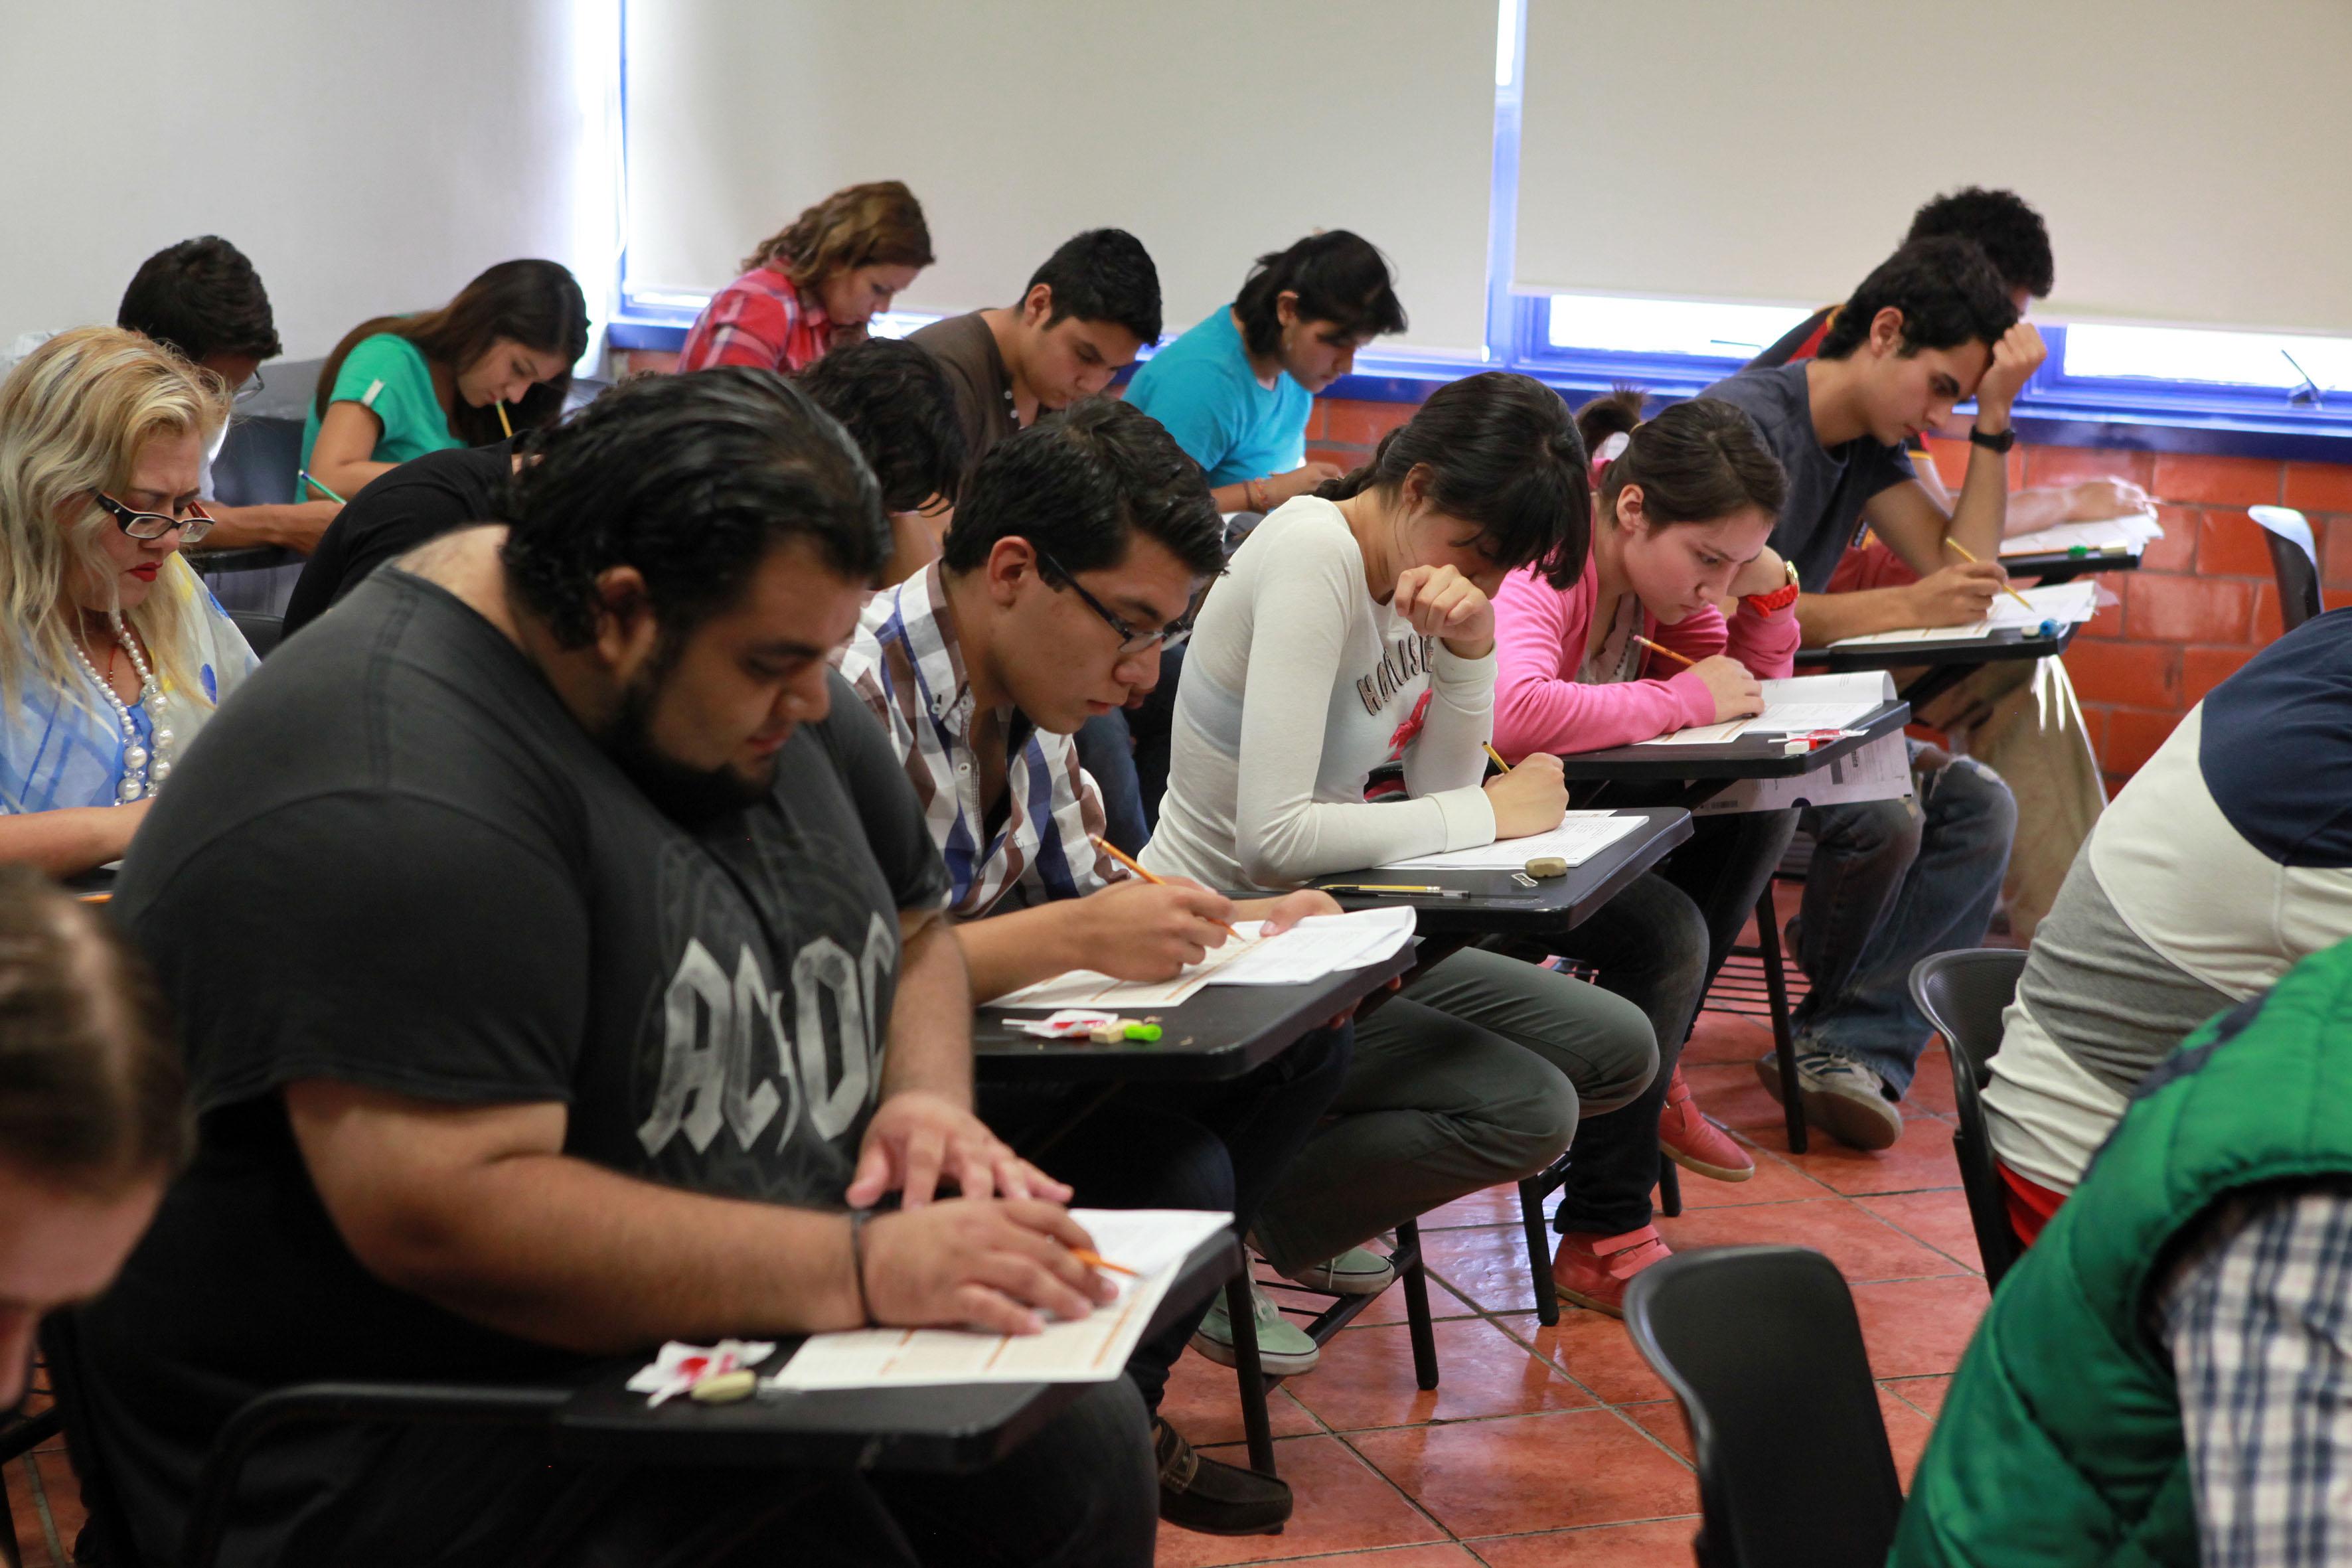 Grupo de alumos en aula de clases